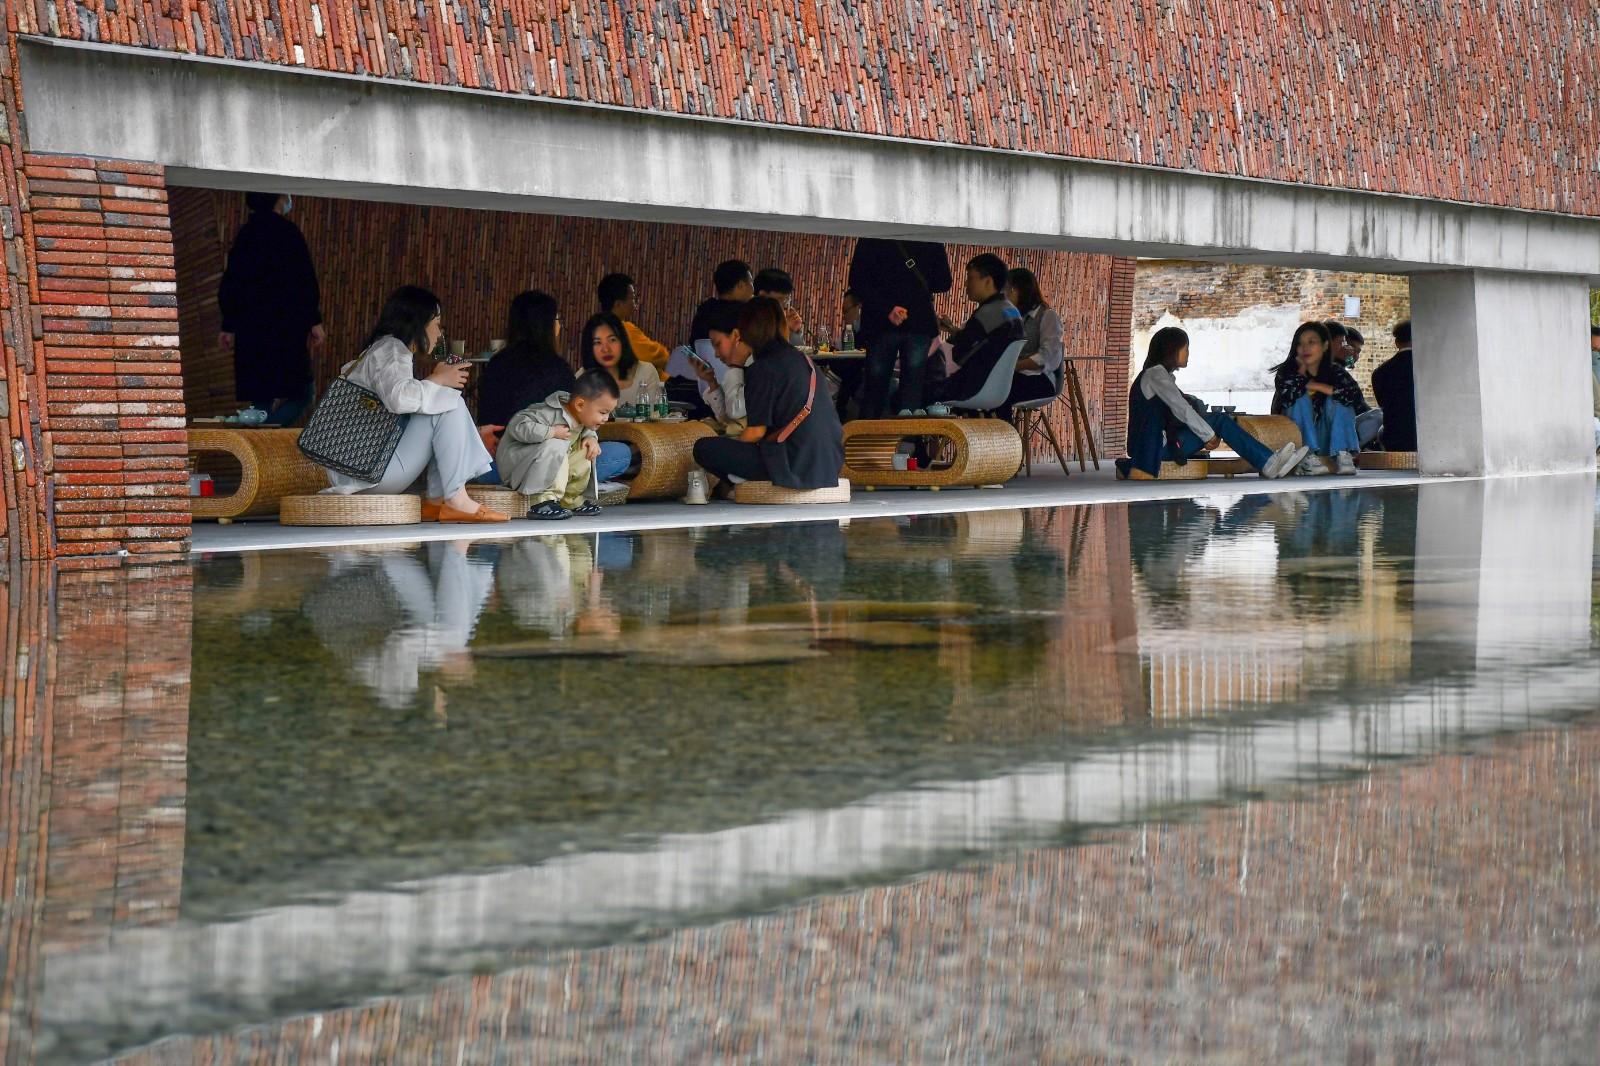 从建筑外观长缝透过水面可见茶室中休憩的人们2.jpg